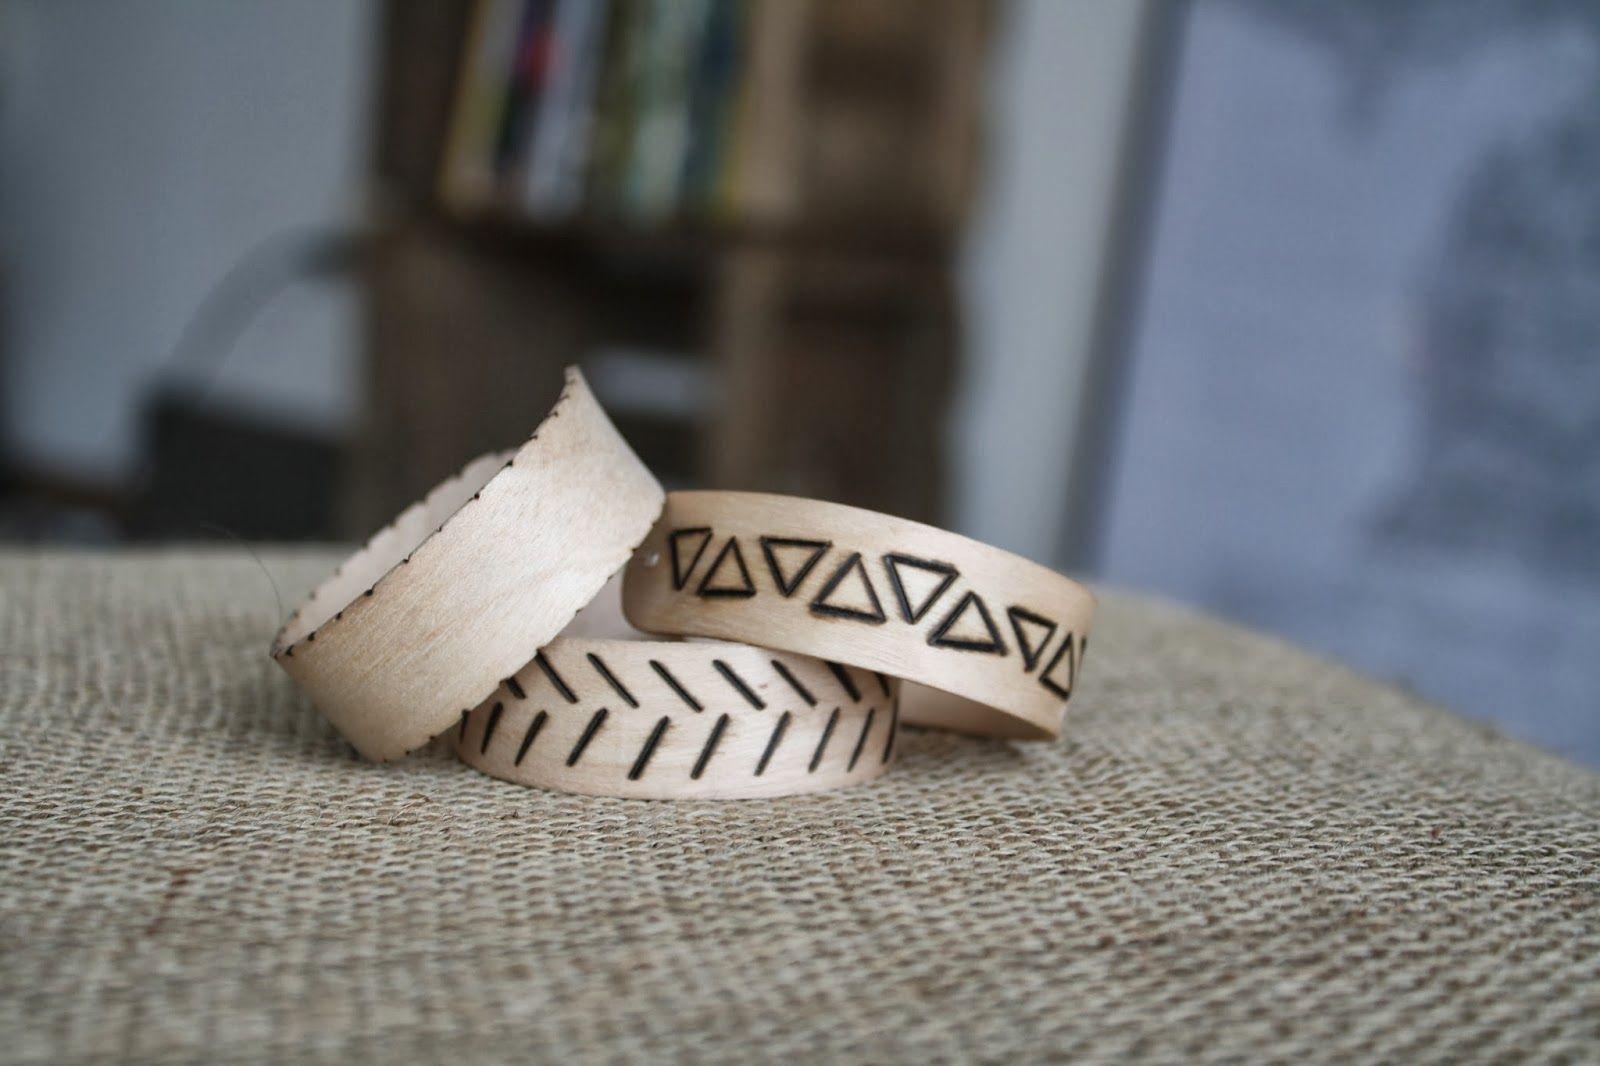 popcicle stick bracelets | diy + crafts | Pinterest | Popsicle ...